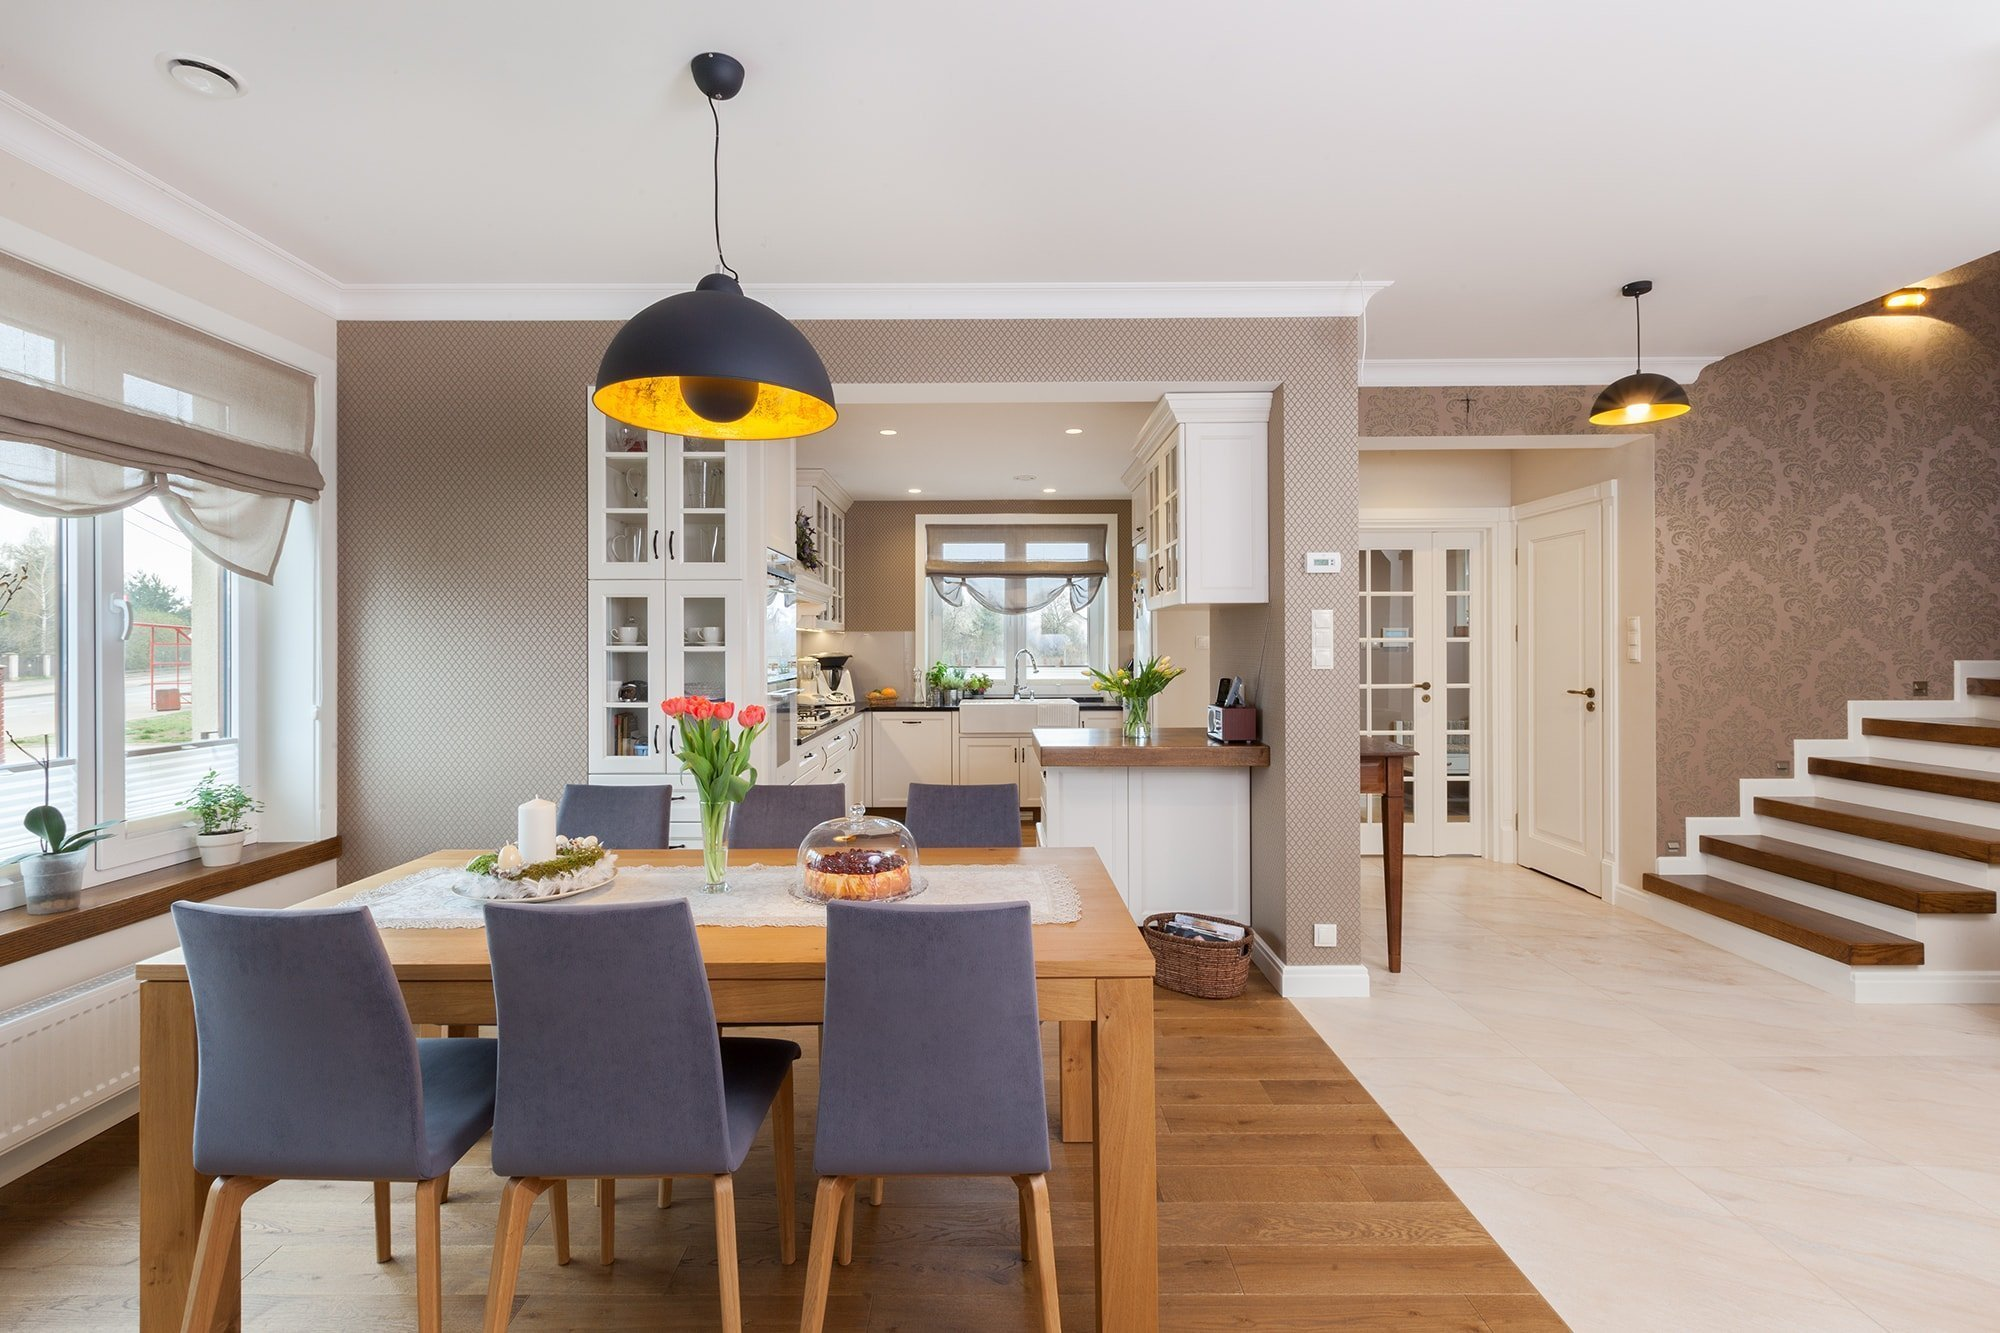 Jednoduchý, elegantní, ale také plně funkční a útulný. Přesně takto vypadá tento byt na předměstí Bialystoku, který dokazuje, že i klasicky zařízené bydlení, které neobsahuje žádné přehnaně designové prvky, může být krásné, ale také ideální pro život celé rodiny.